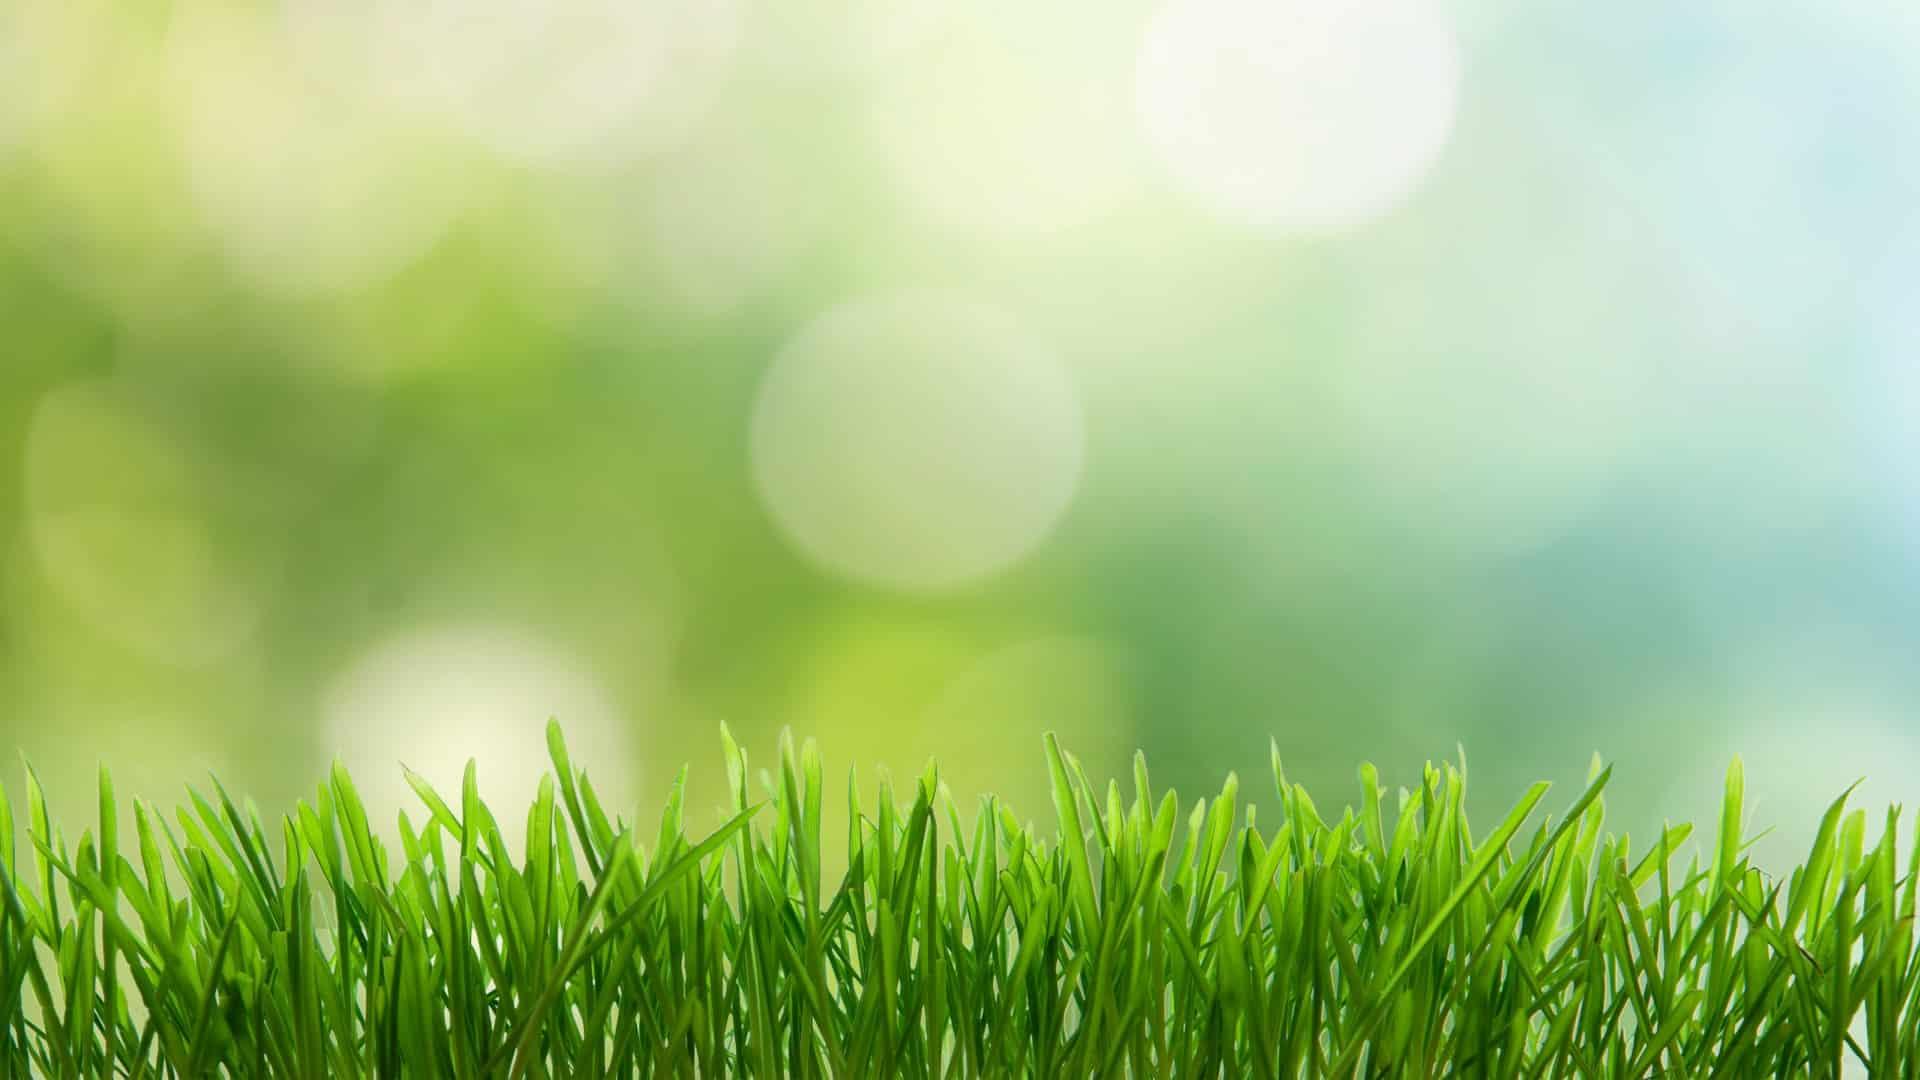 Entretien du jardin conseils pour entretenir son jardin for Jardinier conseil